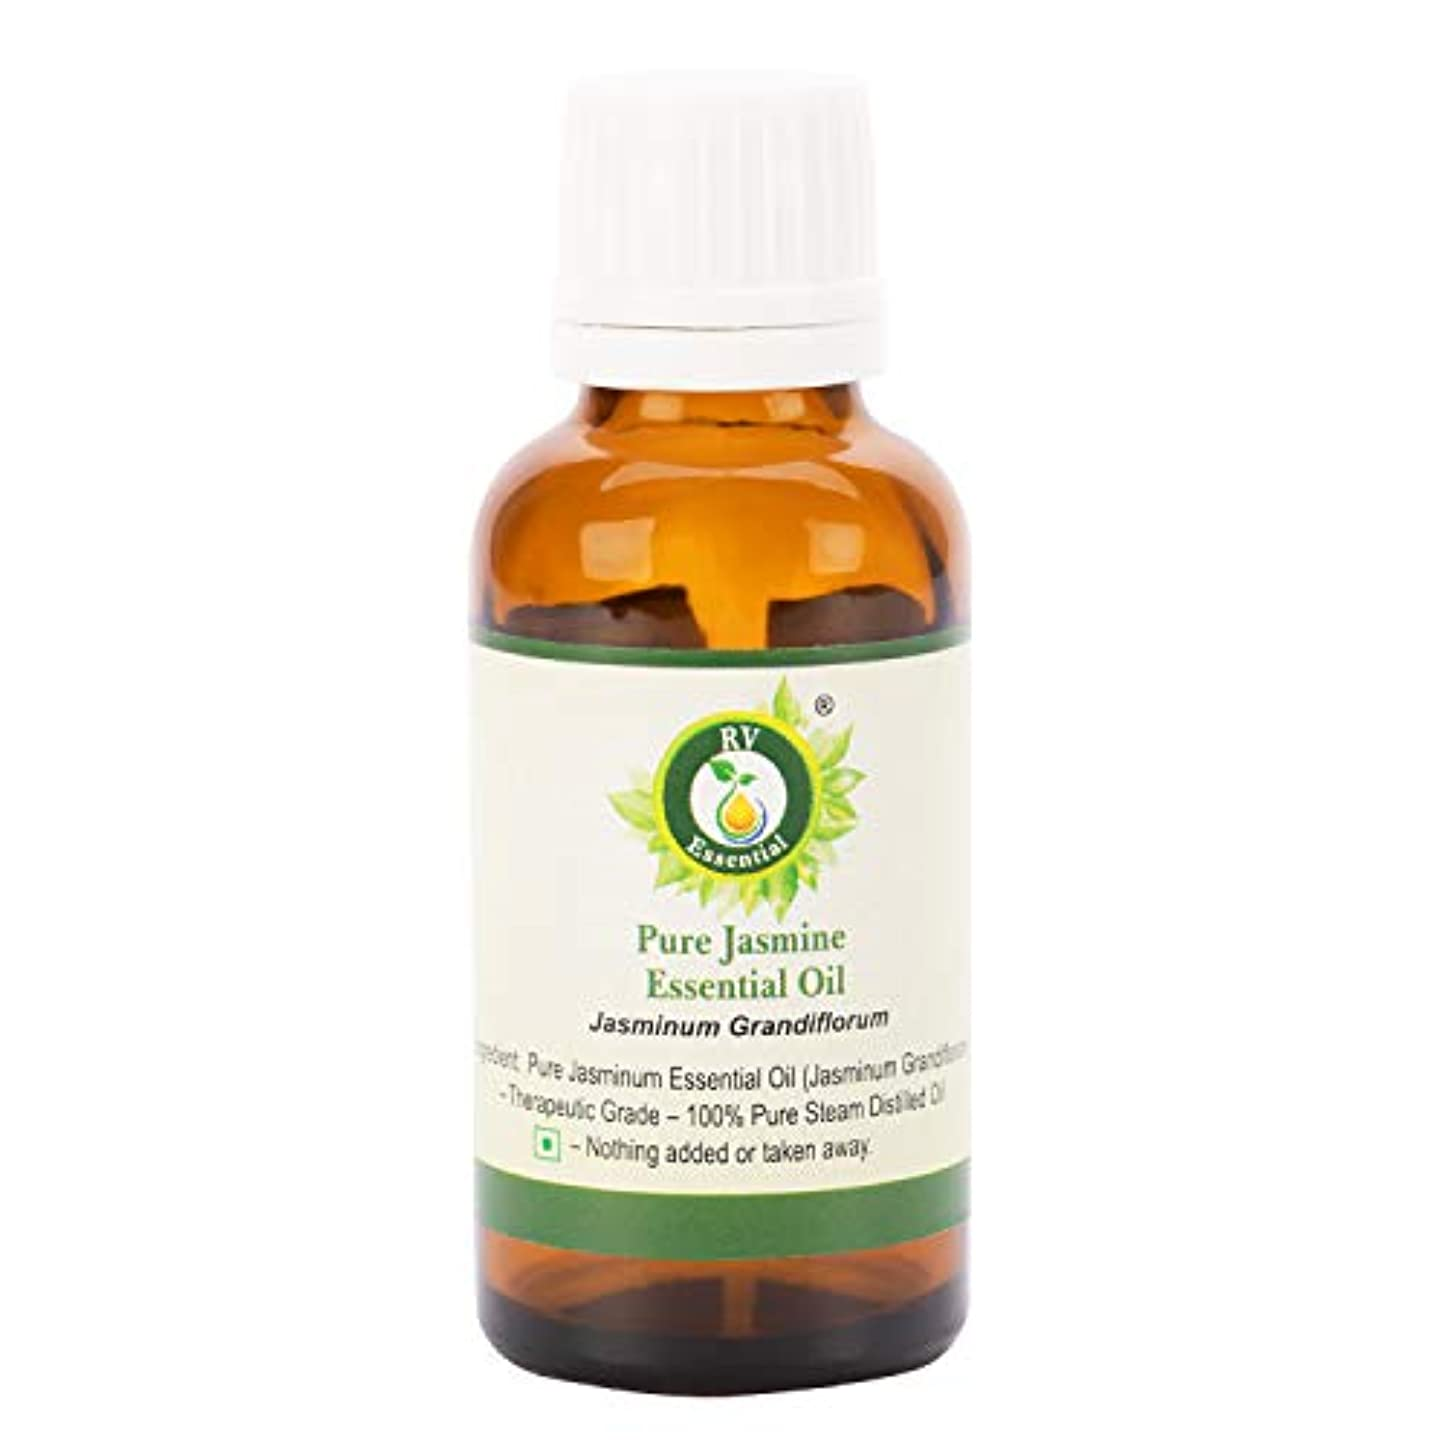 擬人ポーズ時間とともにピュアジャスミンエッセンシャルオイル100ml (3.38oz)- Jasminum Grandiflorum (100%純粋&天然スチームDistilled) Pure Jasmine Essential Oil